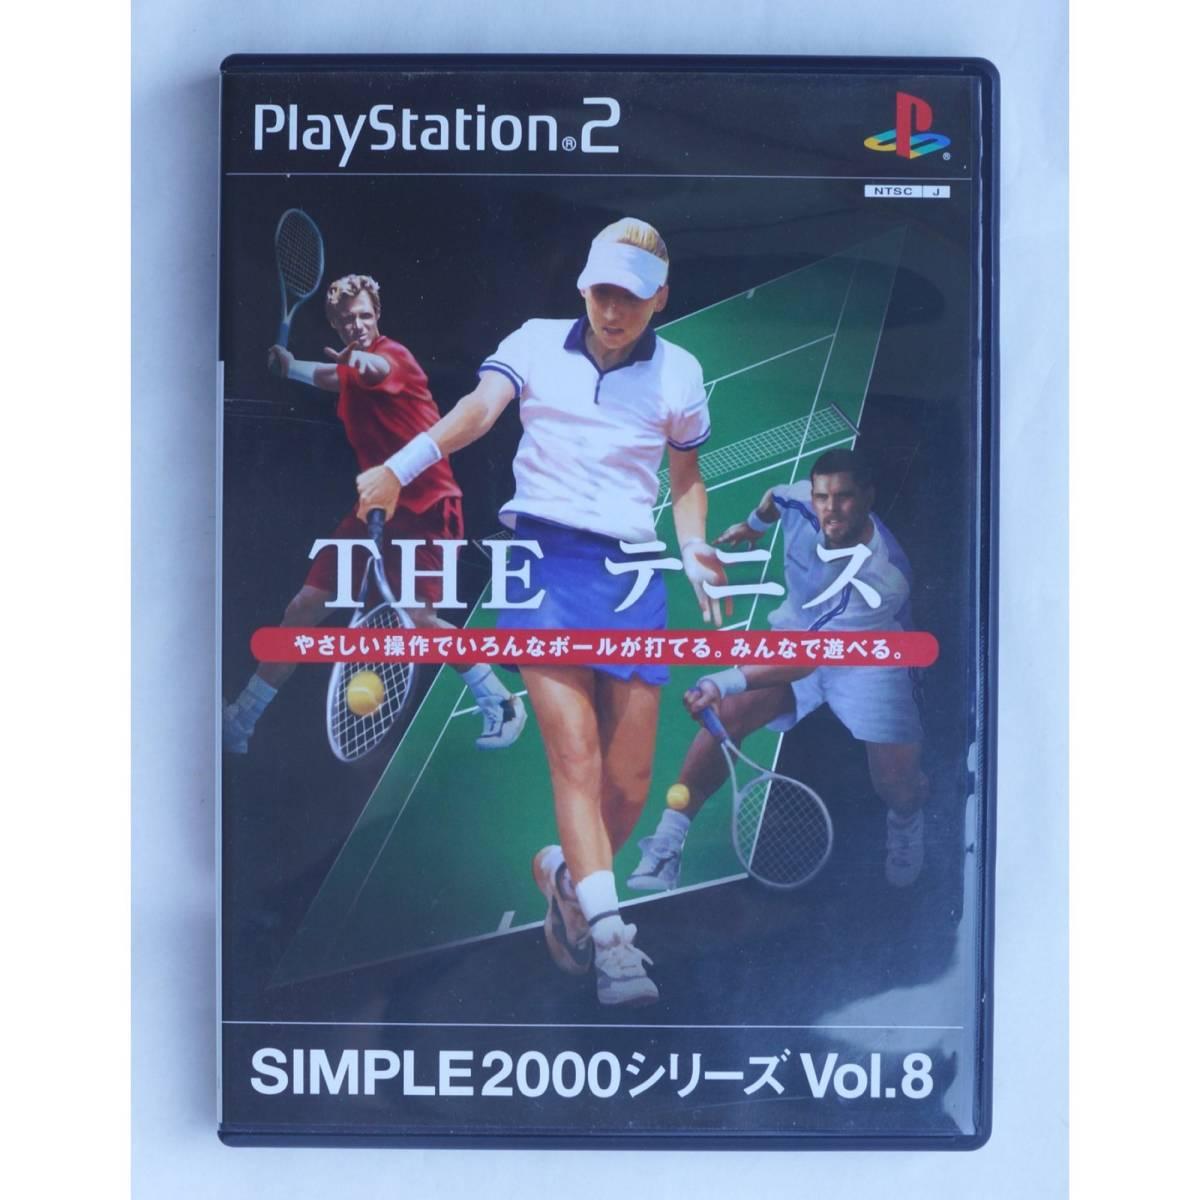 PS2ゲーム SIMPLE2000シリーズVol.8 THEテニス SLPM-62219